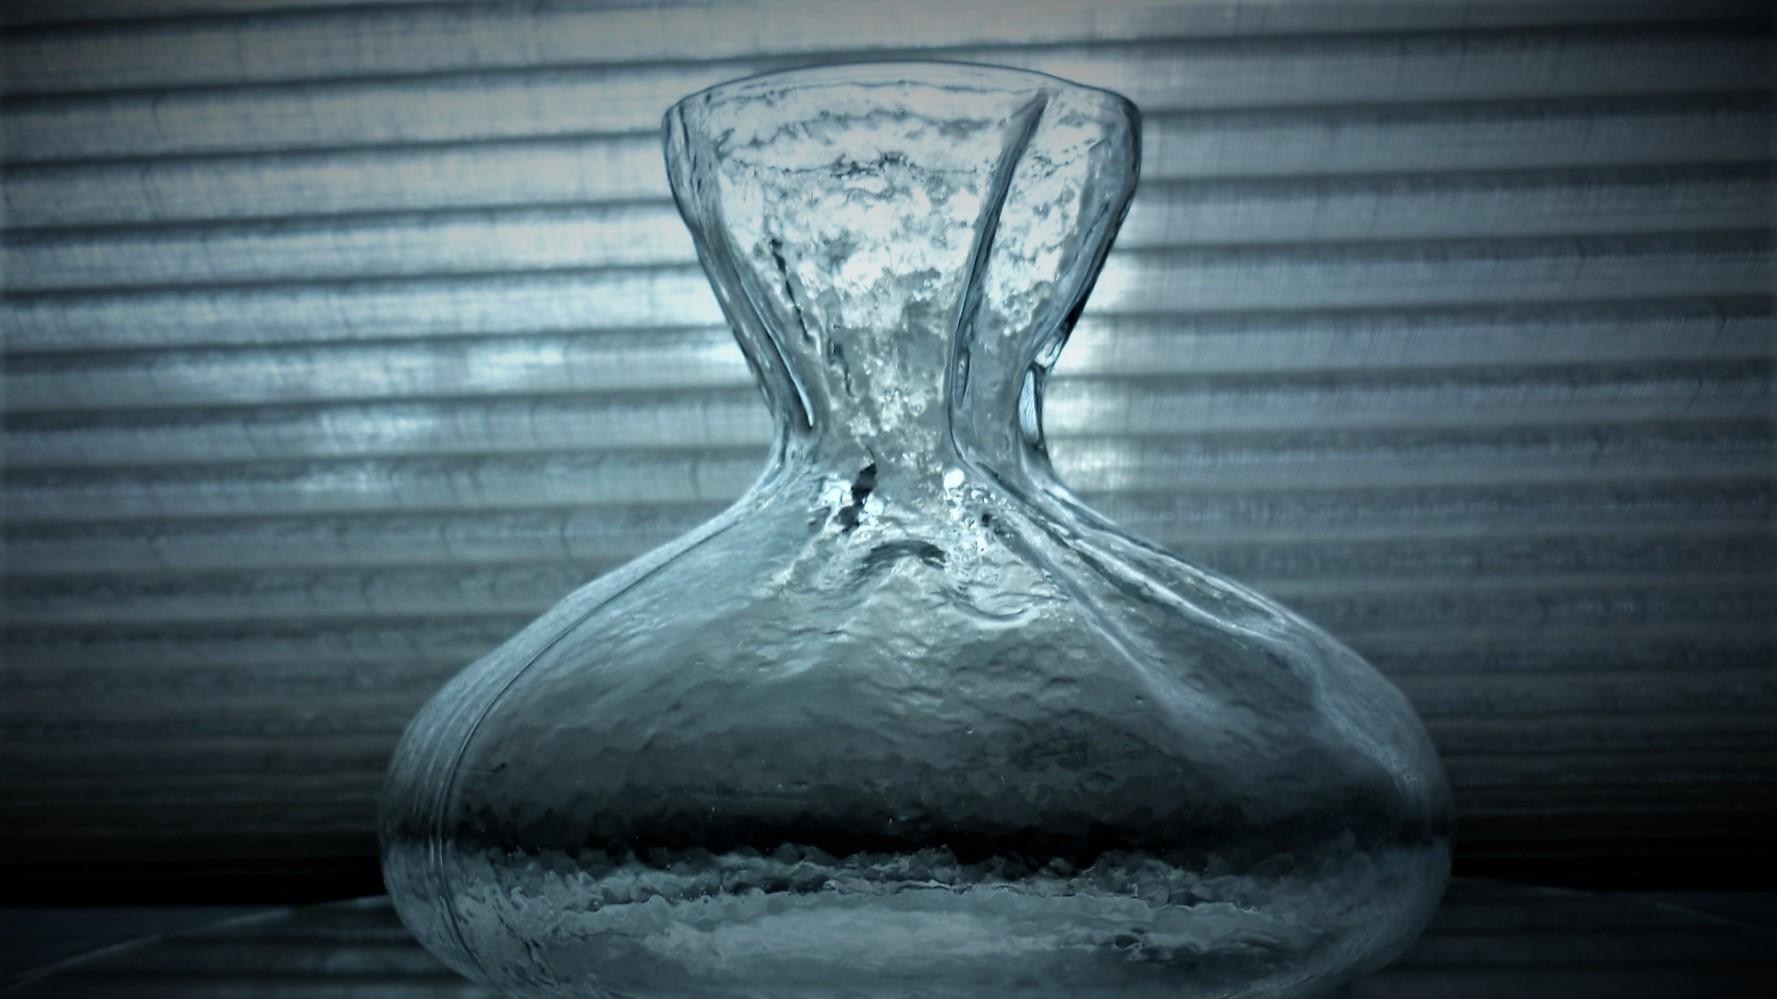 1970s vintage Sea of Sweden glass vase designed by Rune Strand.